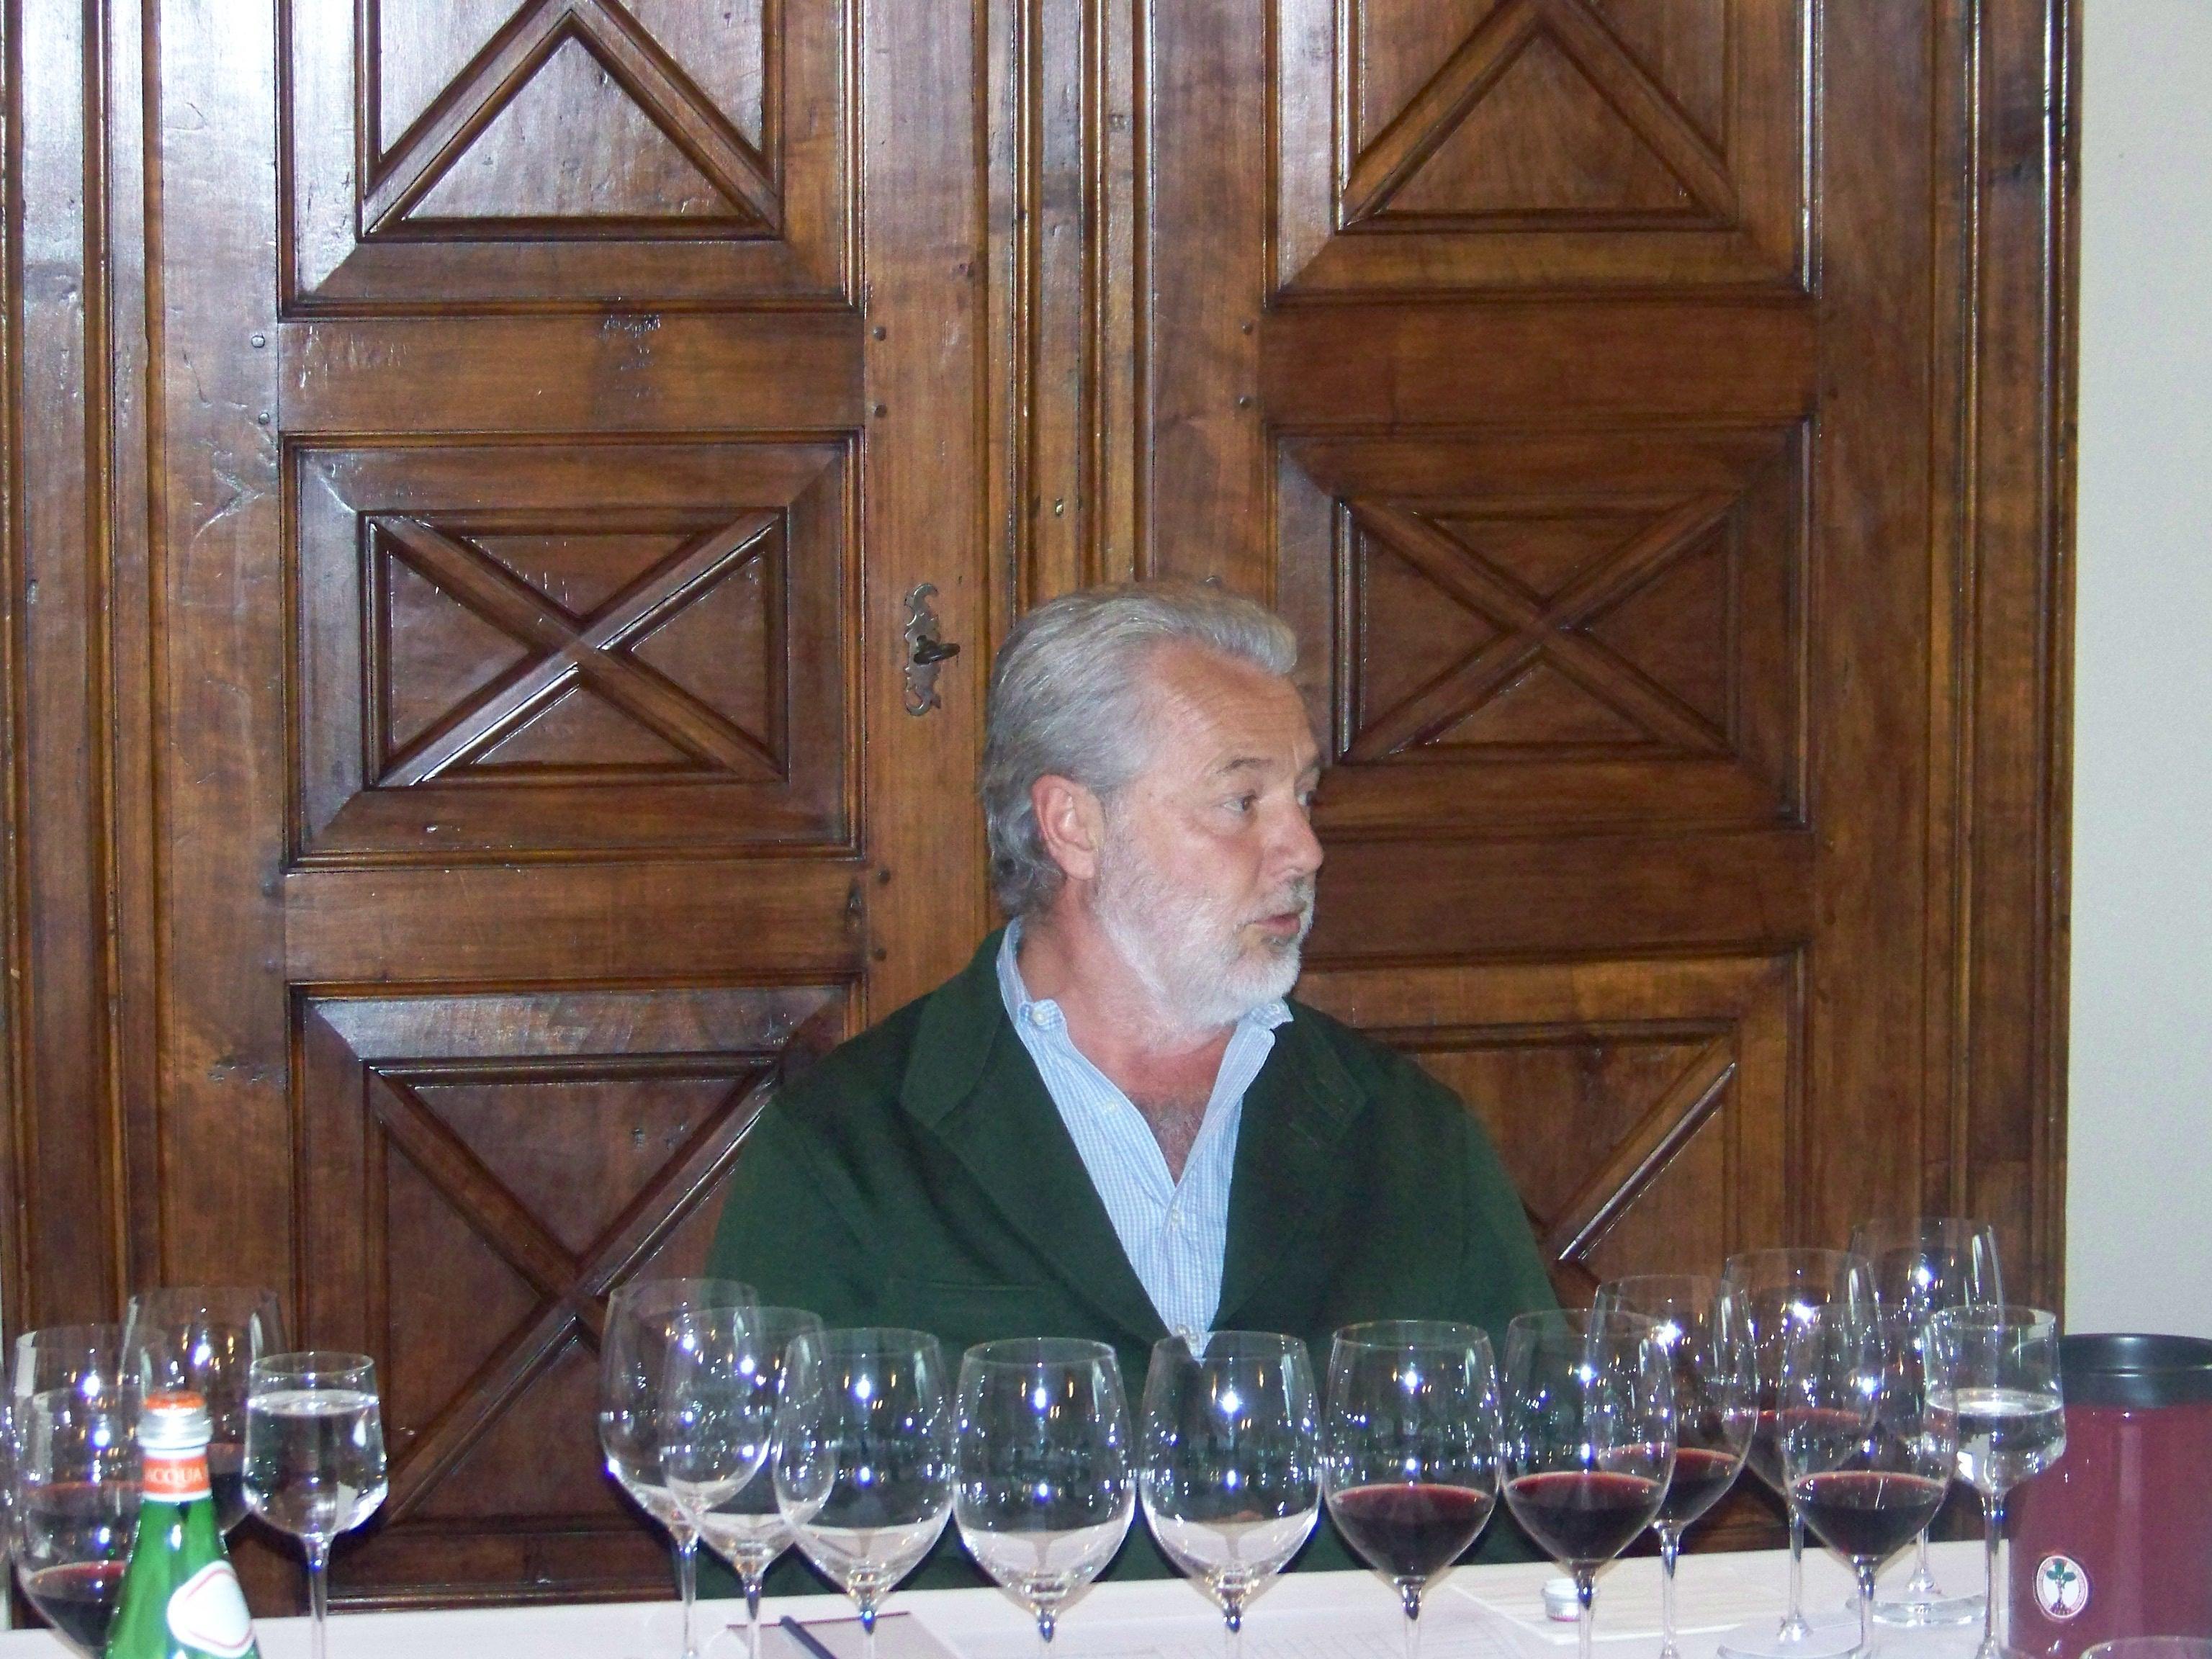 Francesco Marone Cinzano